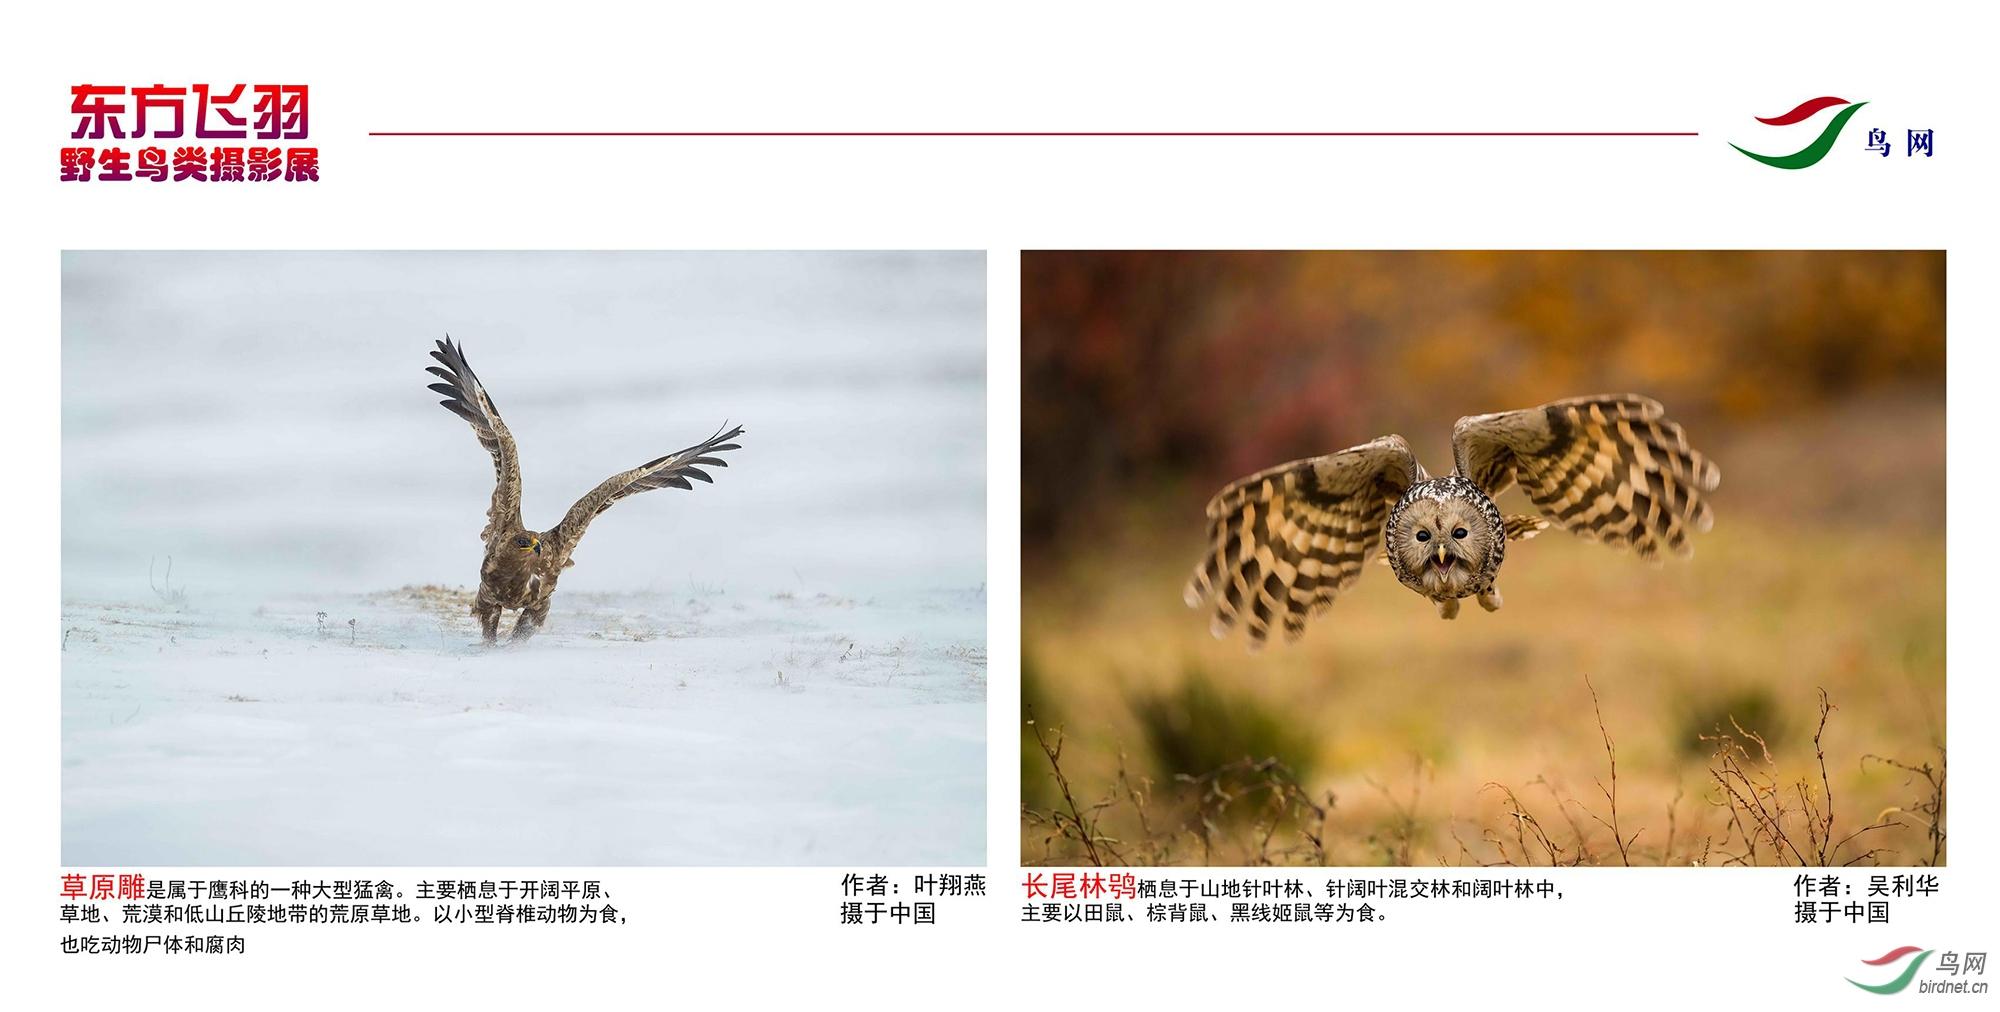 1_东方明珠摄影展照片_24.jpg